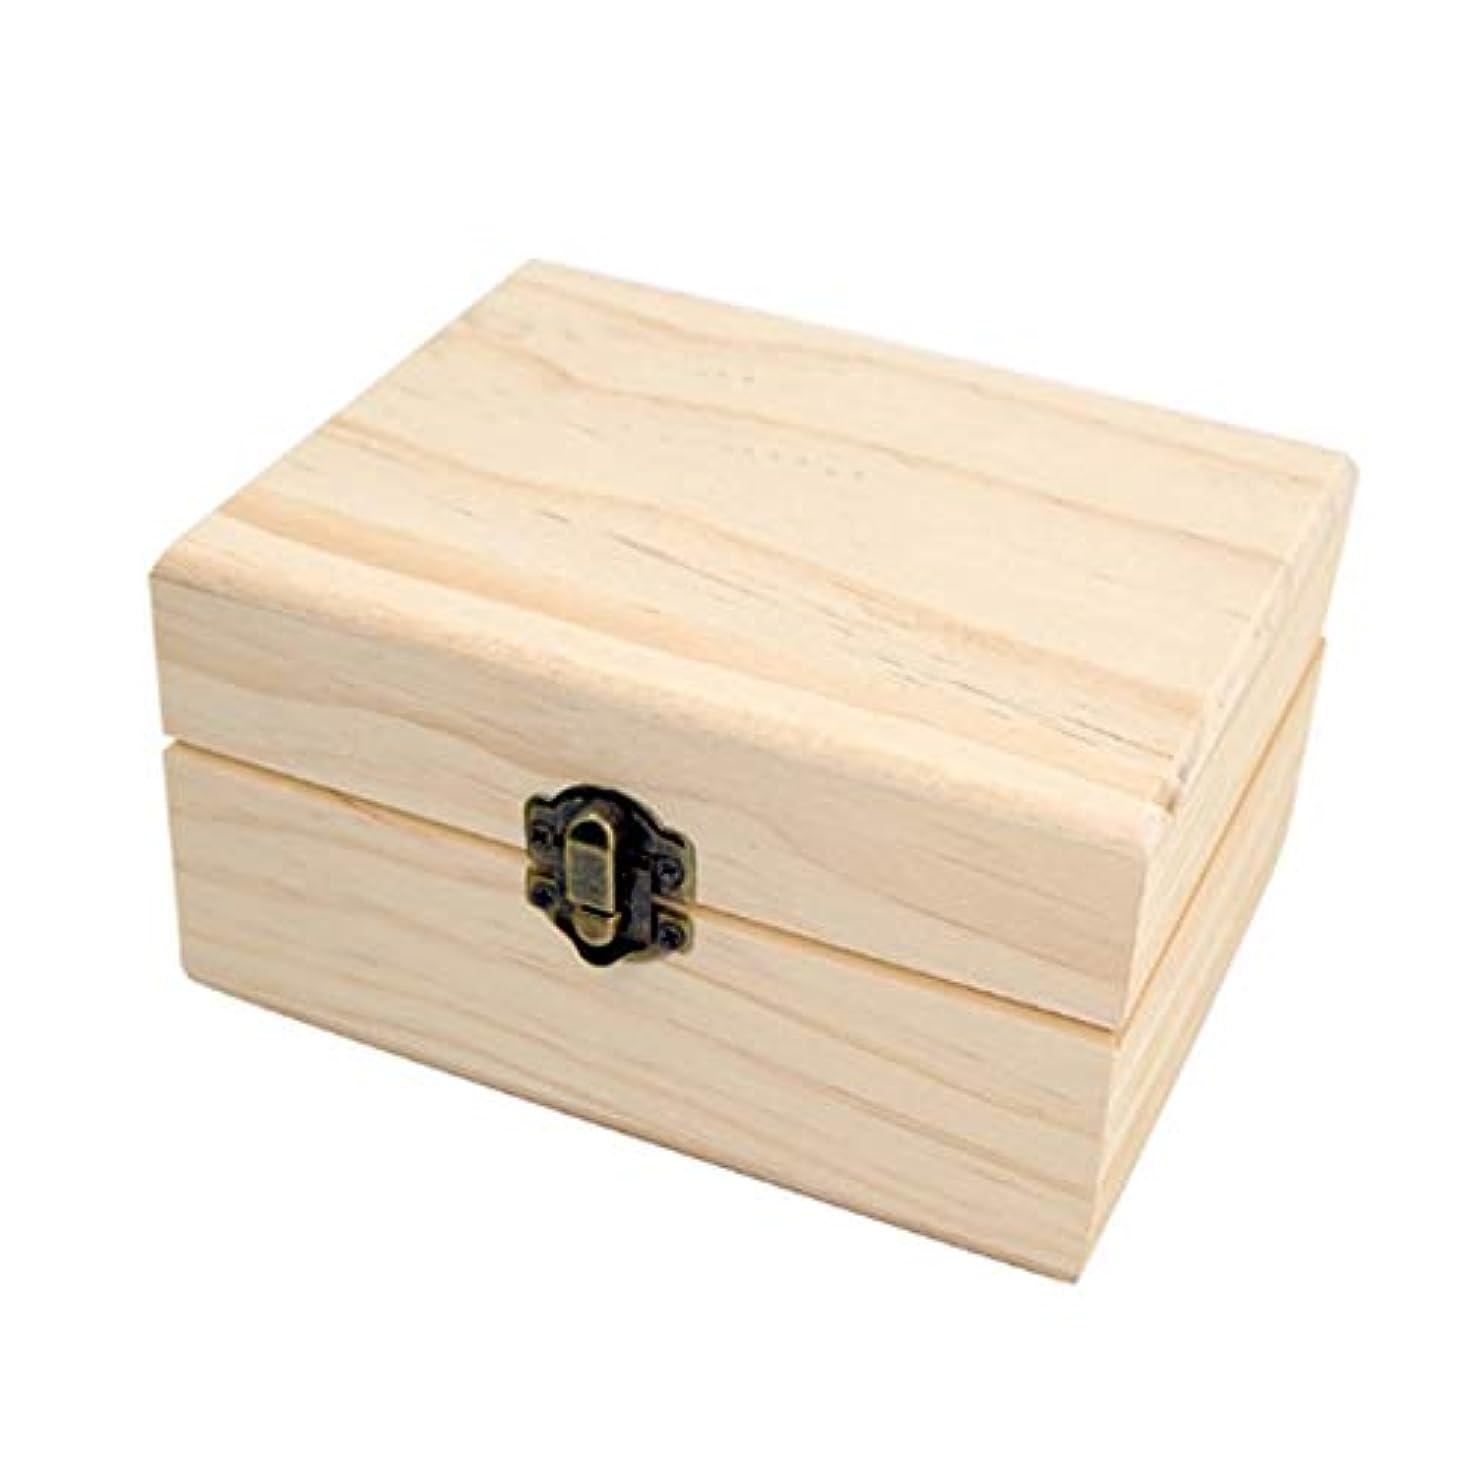 スクリーチ払い戻し本フェリモア エッセンシャルオイル 収納ボックス ボトル用 松 木製 格子状 倒れにくい 12マス (ブラウン)